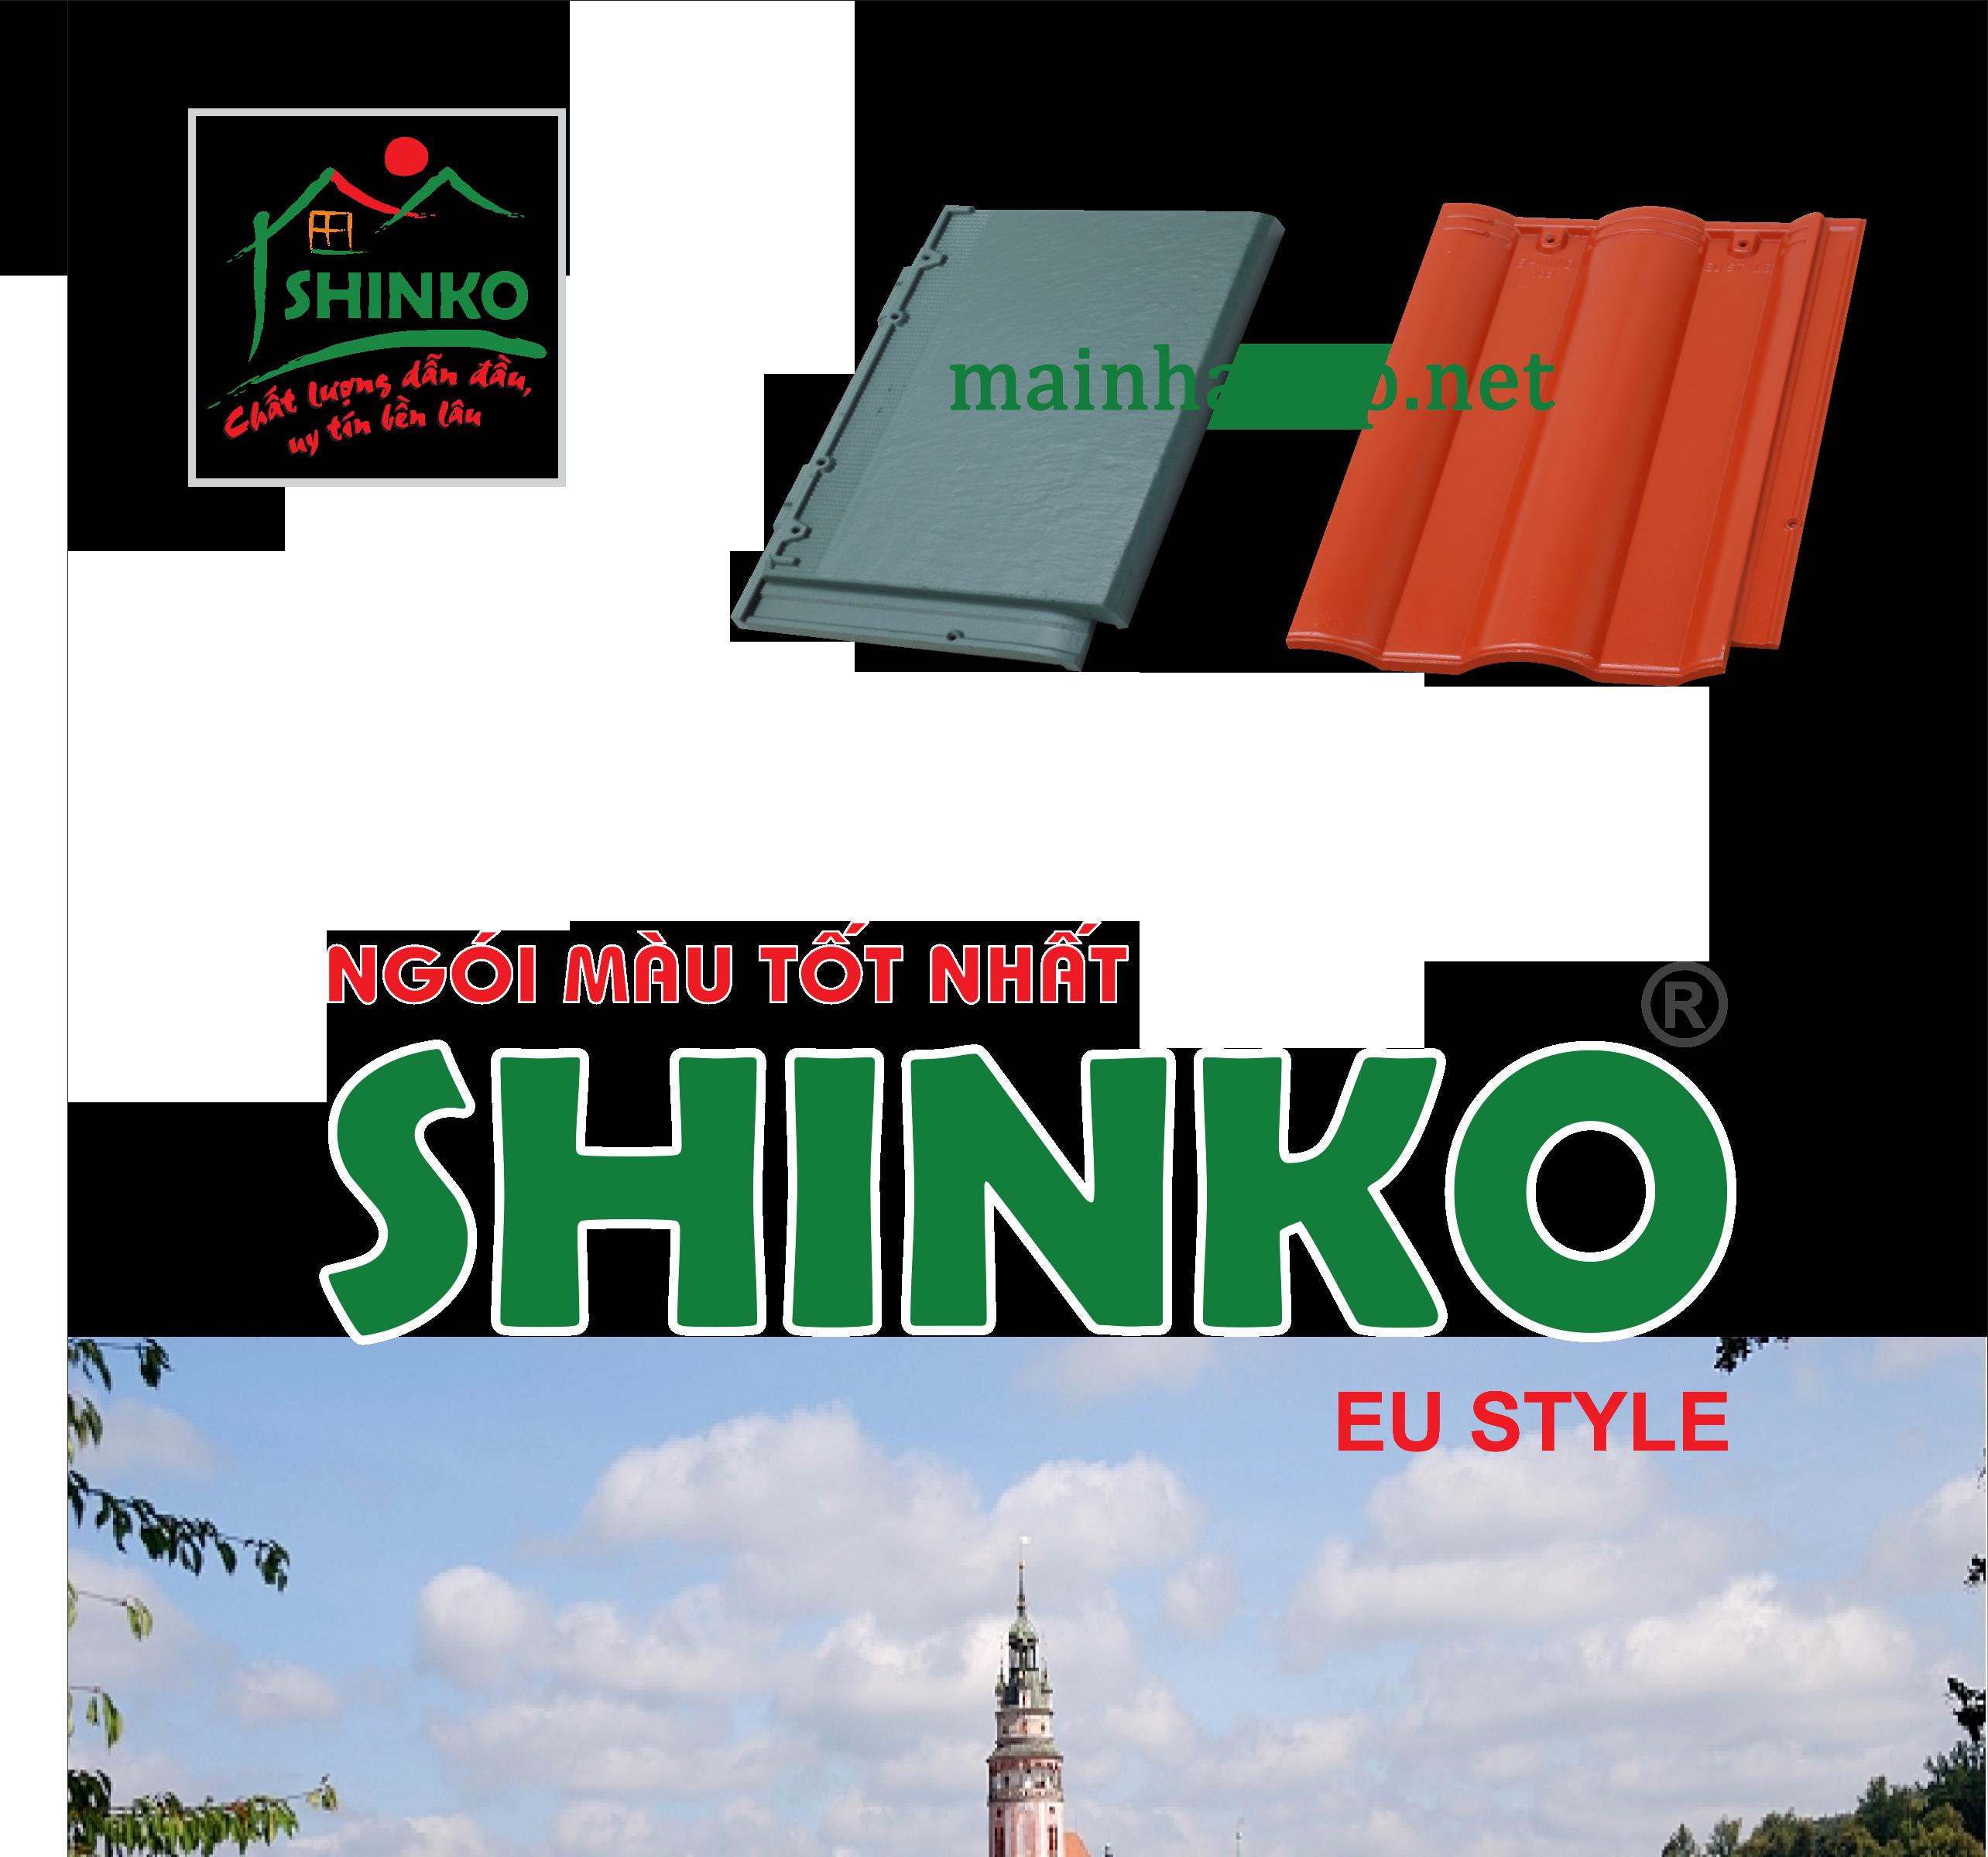 Ngói màu Shinko – Ngói Màu Tốt Nhất Hiện Nay